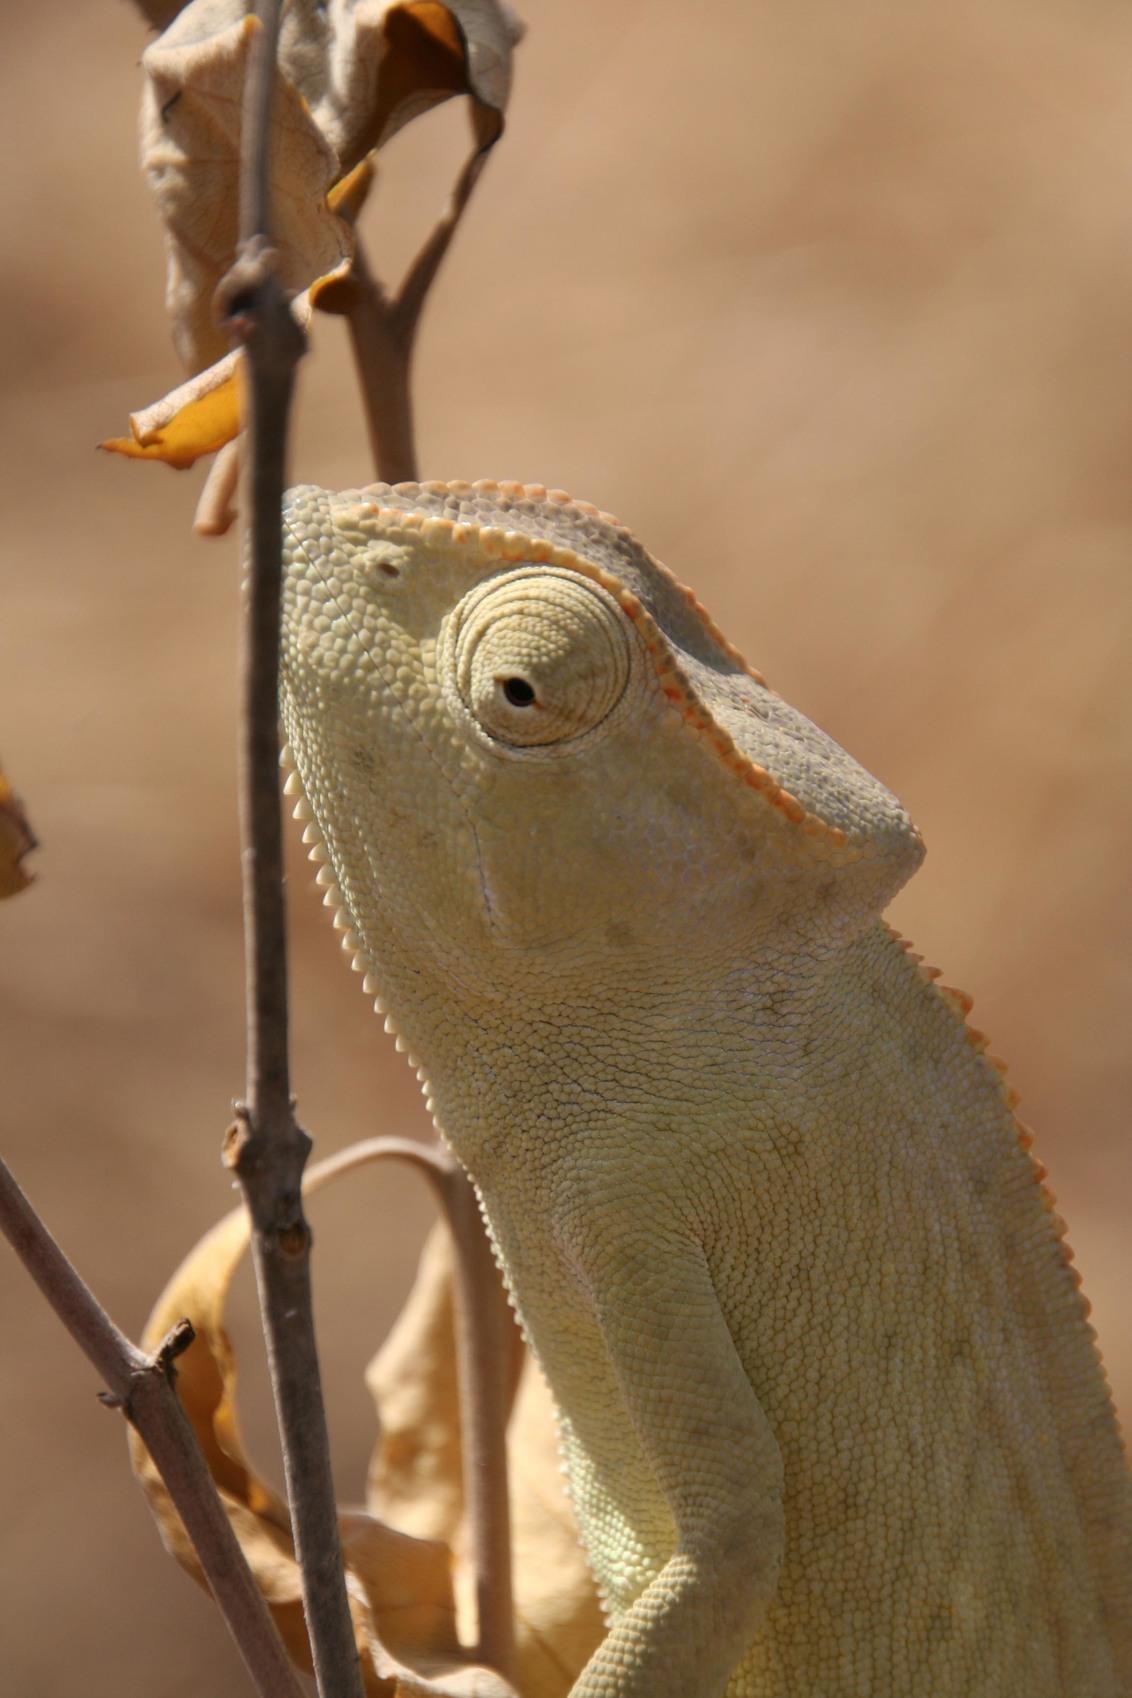 Kameleon - Senegal 2011 - foto door marc_v_o op 28-02-2017 - deze foto bevat: dieren, safari, afrika, wildlife, kameleon